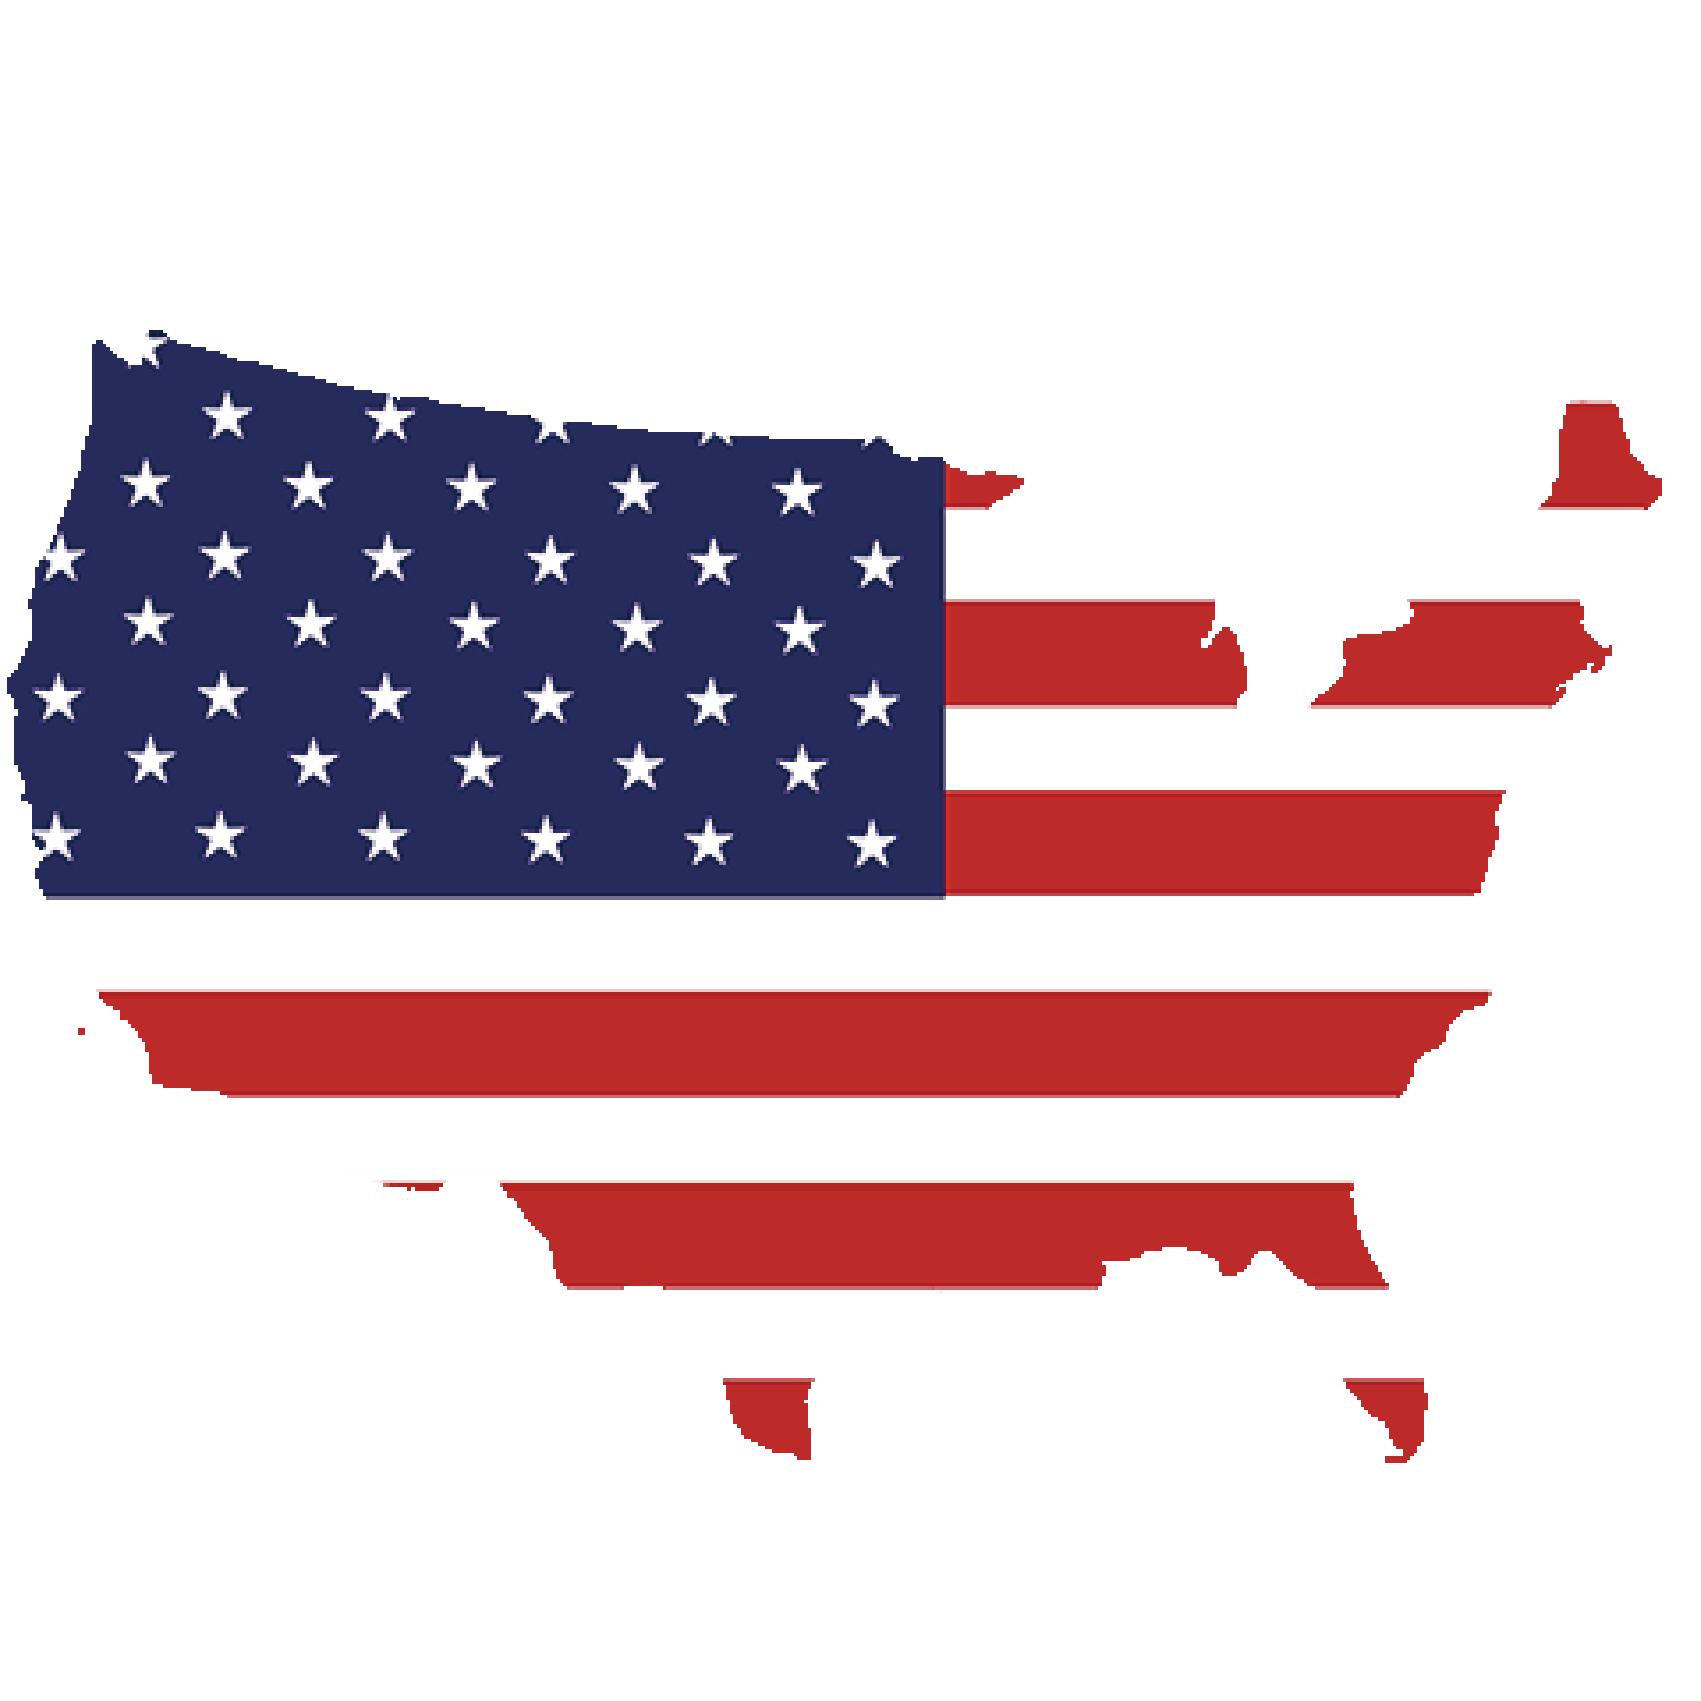 Flag of USA, the partner of barskorea.